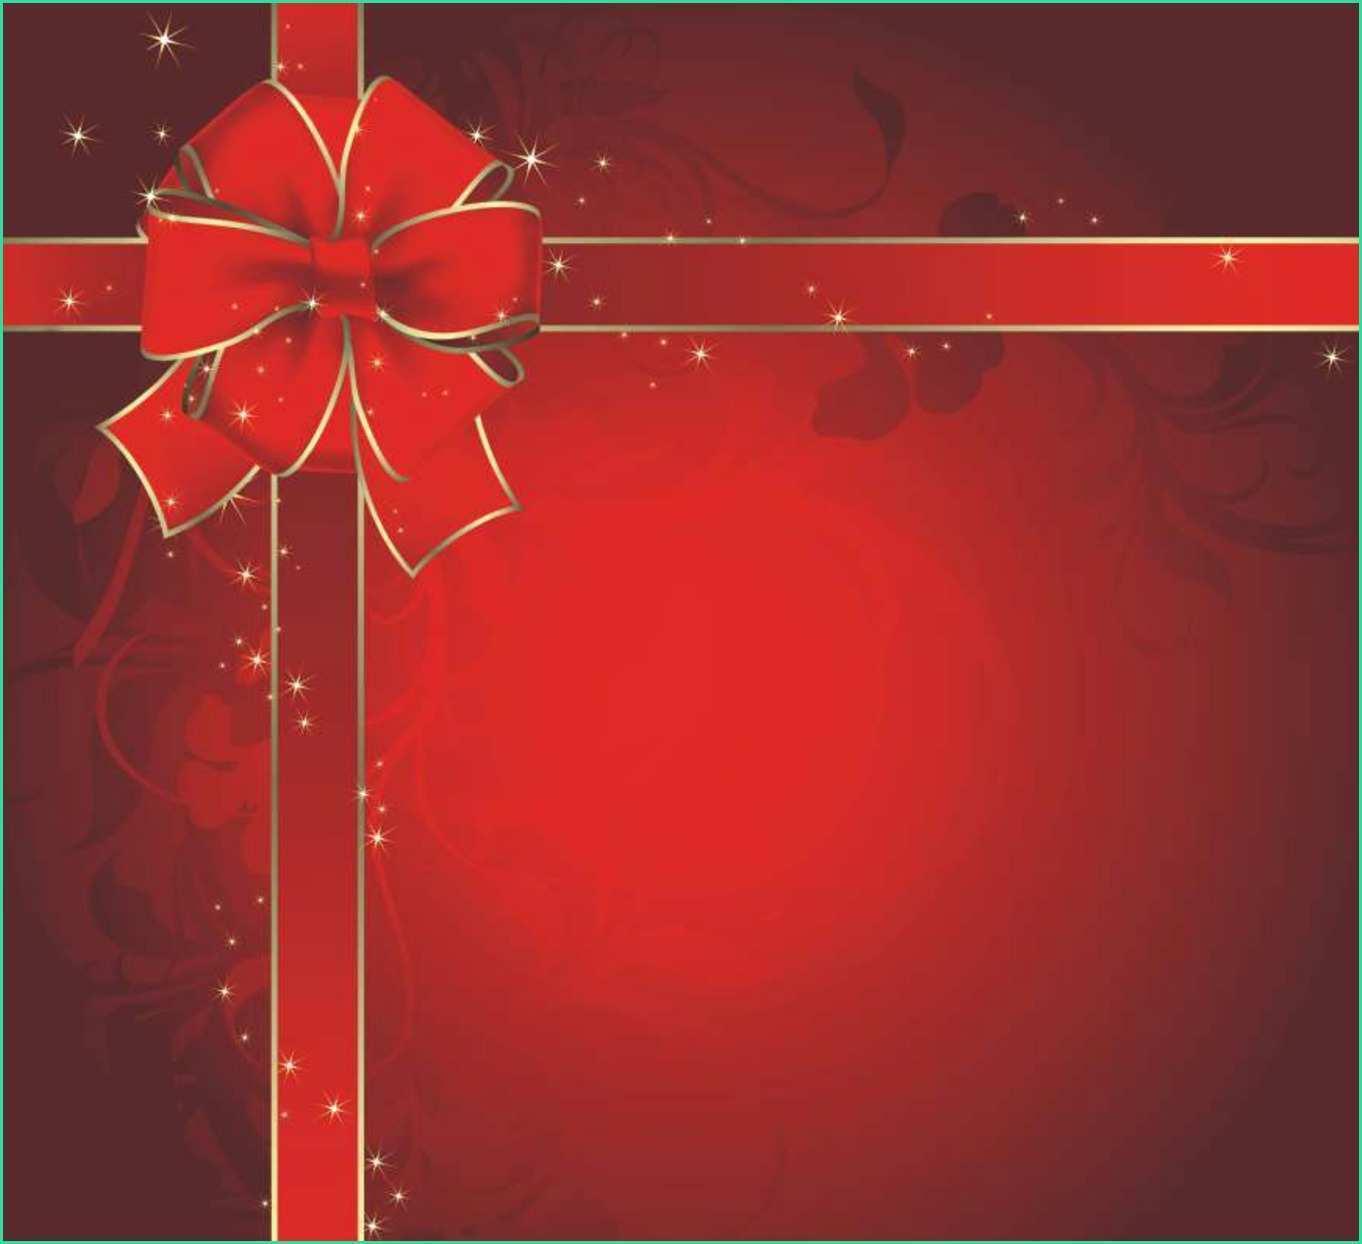 79 Printable Christmas Flyer Template Free Templates for Christmas Flyer Template Free